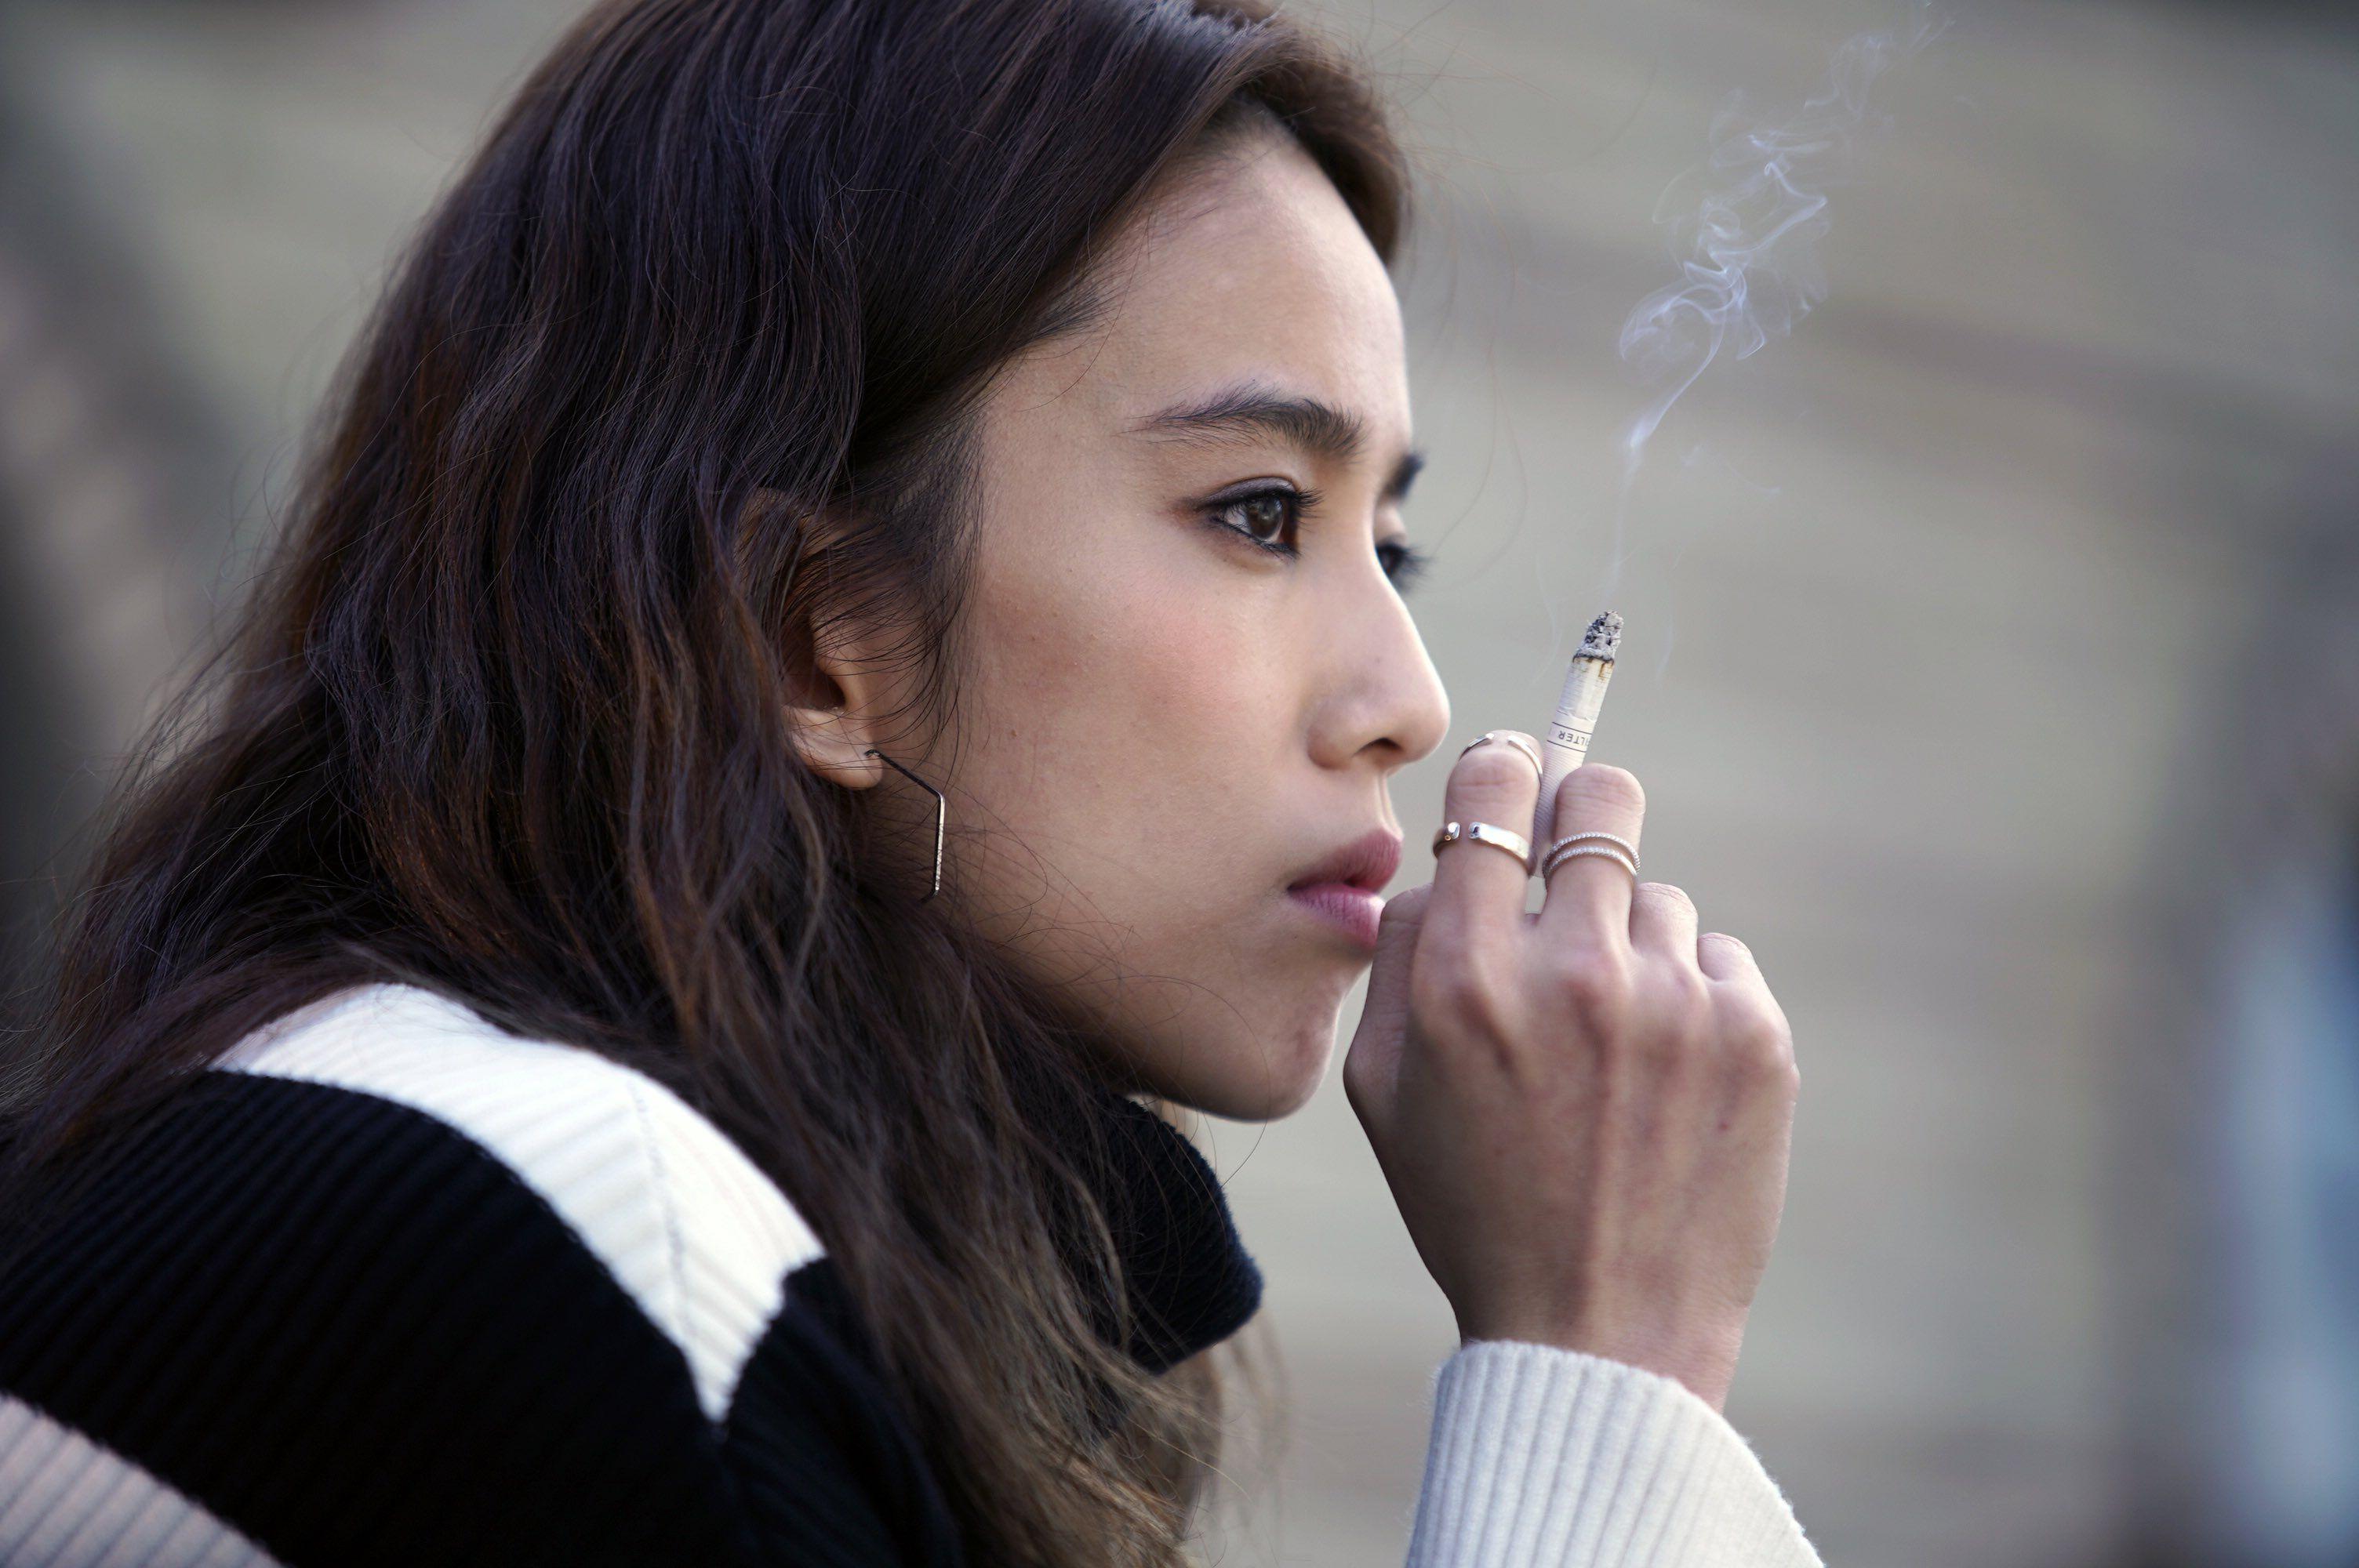 《比悲傷更悲傷的故事》韓版比臺版更虐心!女主角懷孕自殺,牙醫甘願「被設計」為愛犧牲